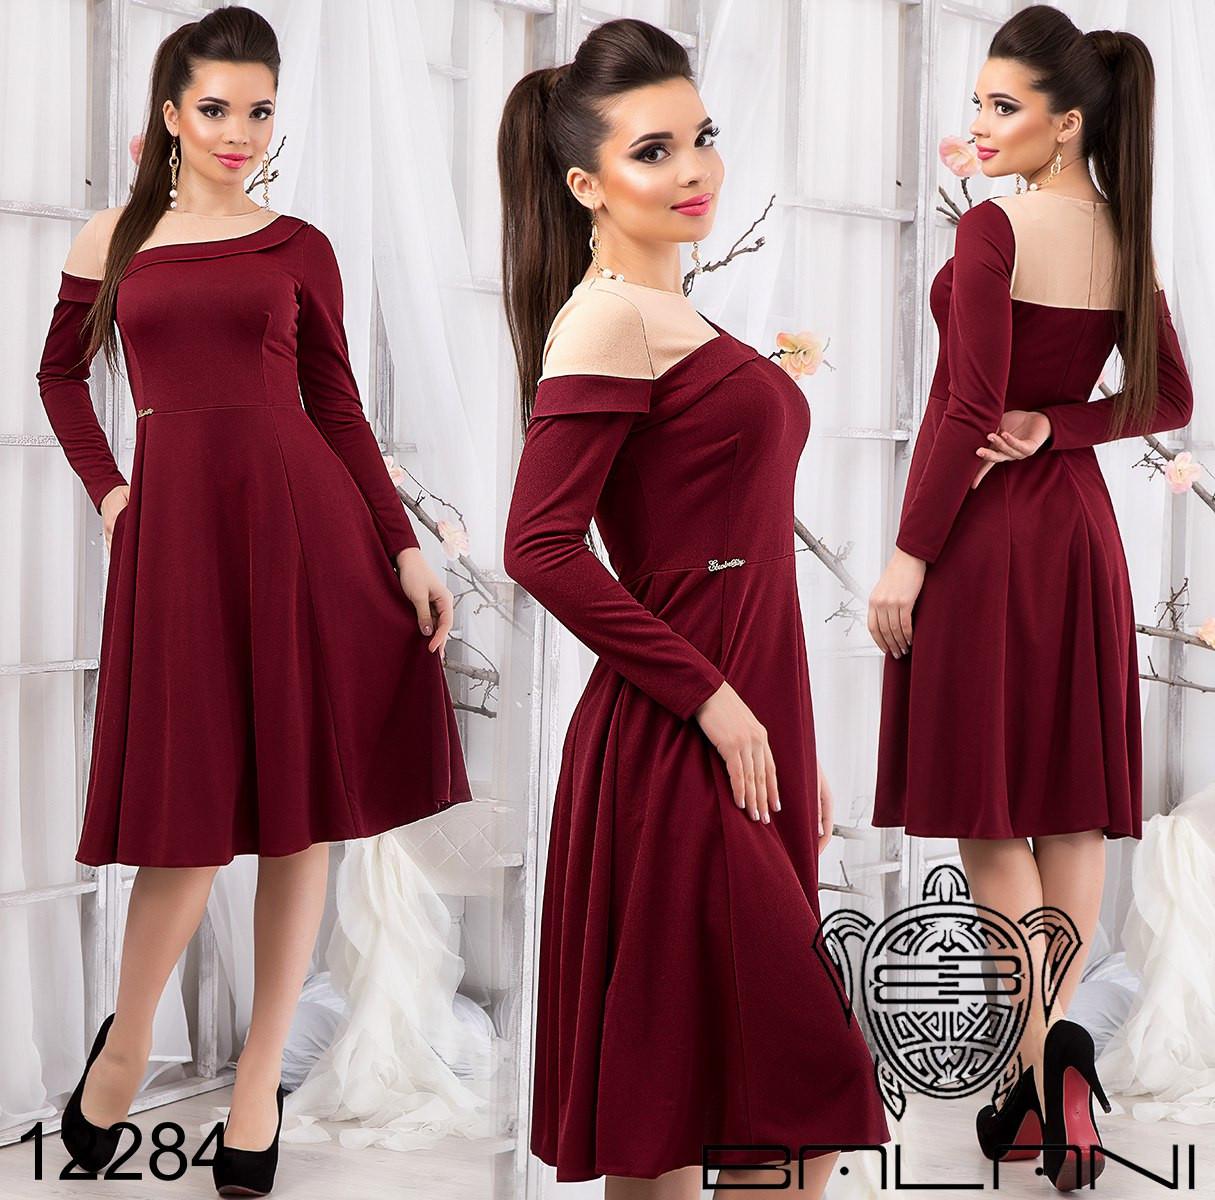 d3a759ec956 Красивое элегантное женственное платье с пышной юбкой размер 42